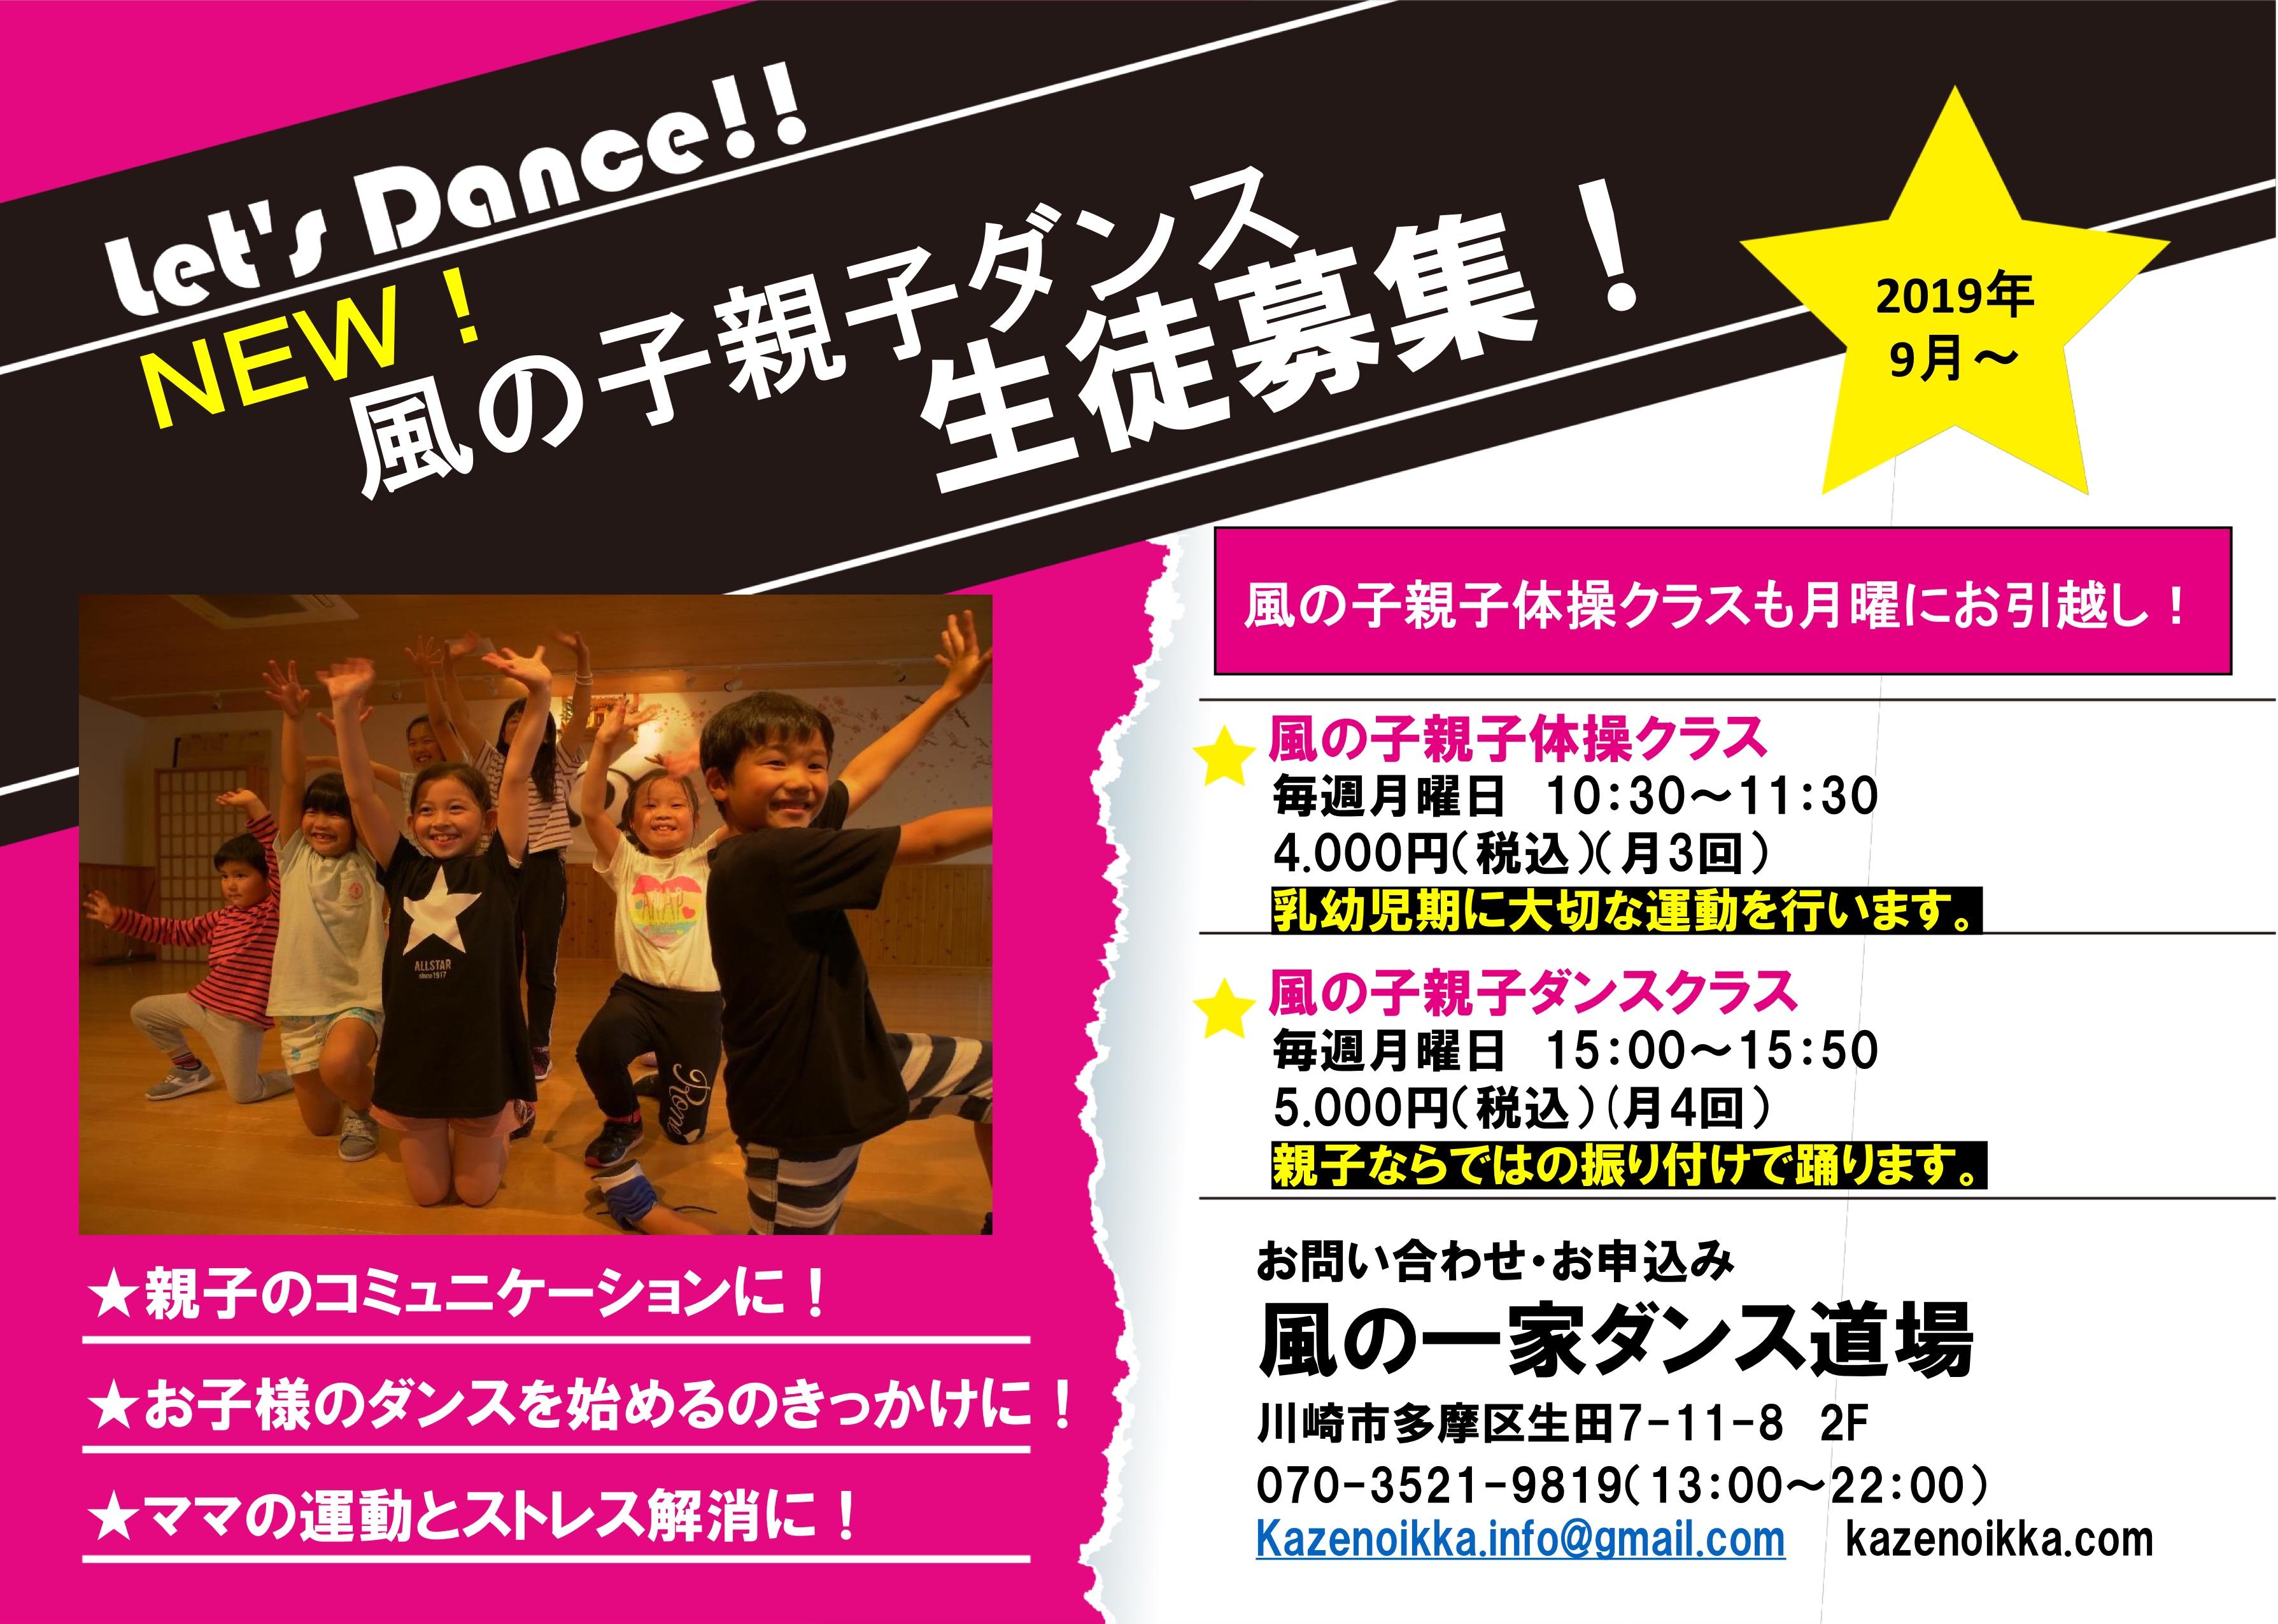 親子ダンス新設チラシ(ドラッグされました) 2